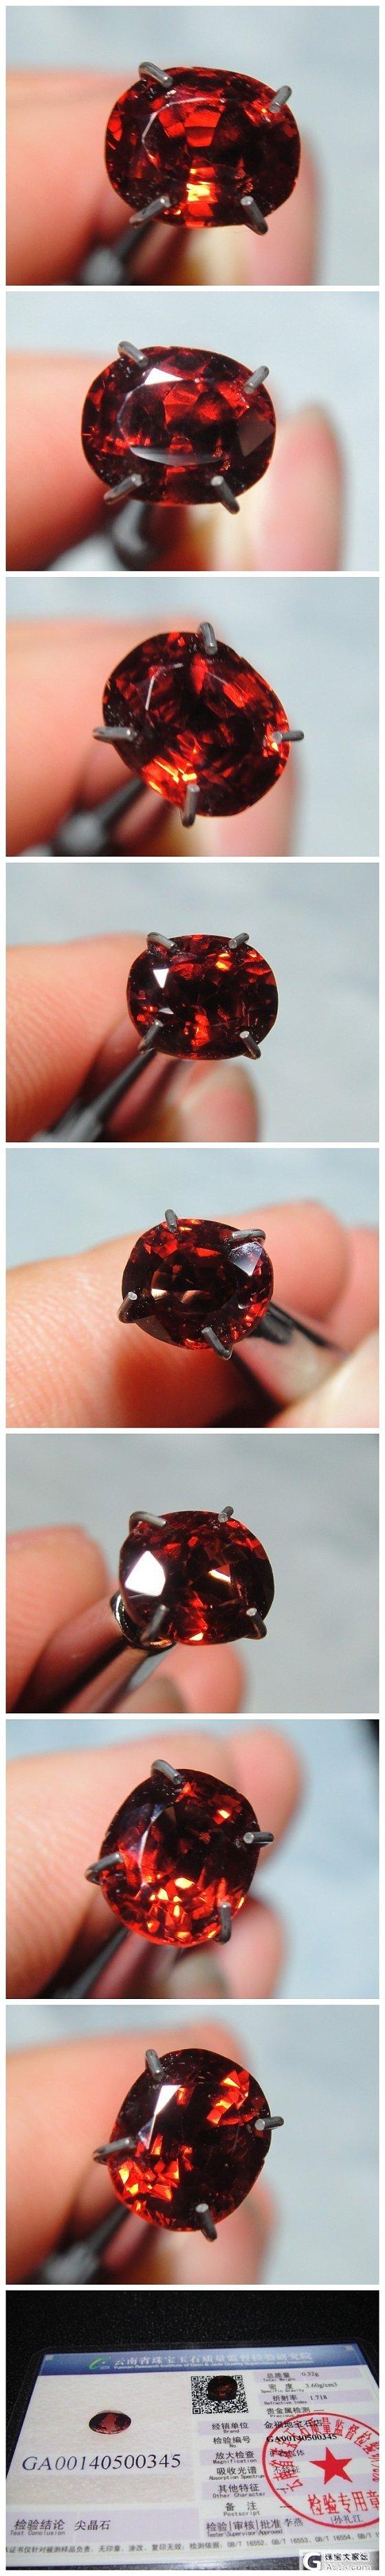 1.57克拉抹谷橘红色尖晶石_宝石